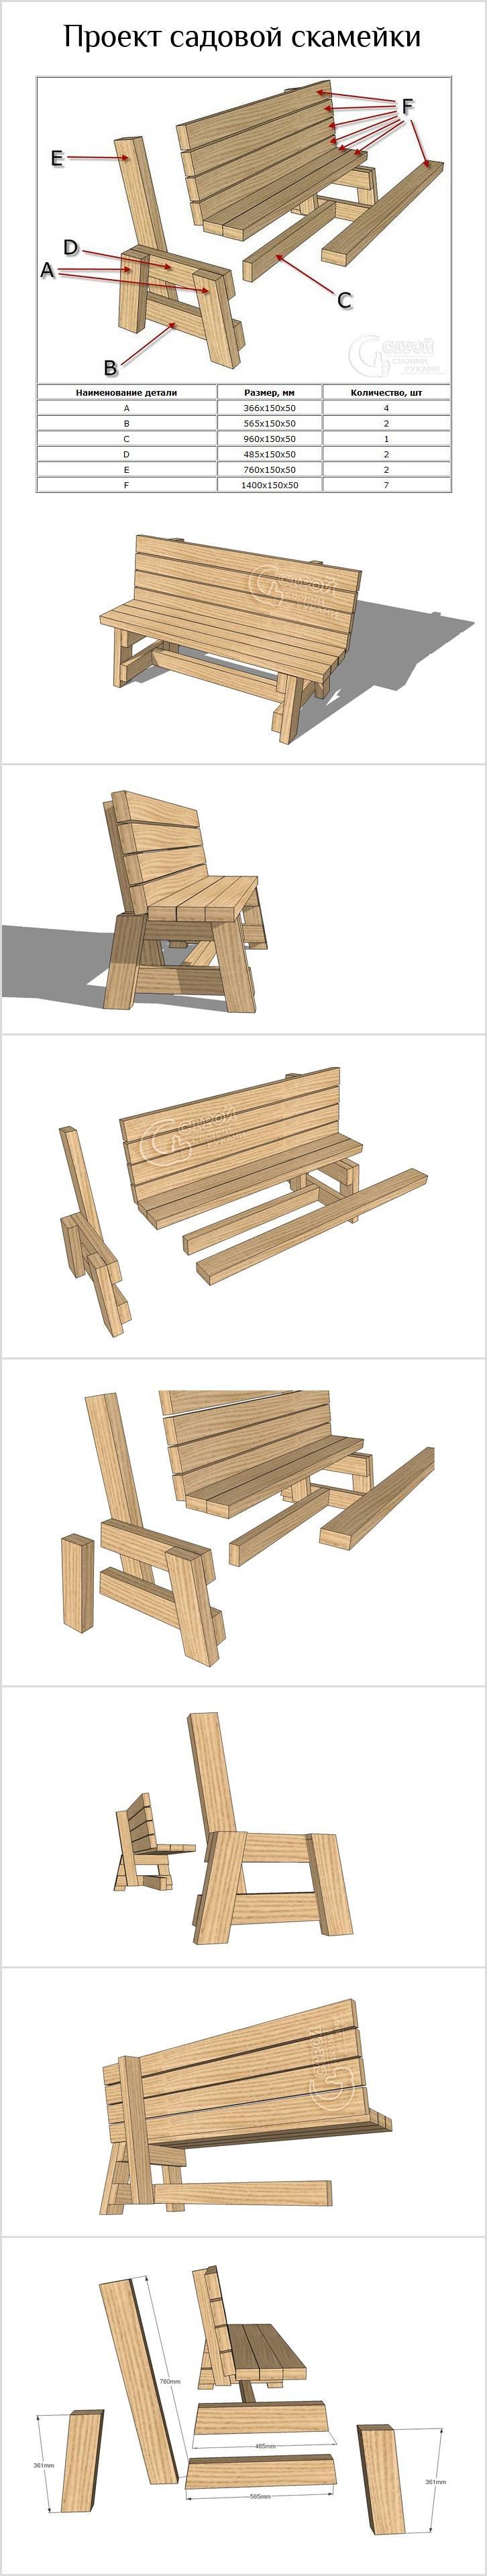 Как сделать деревянную лавку со спинкой своими руками